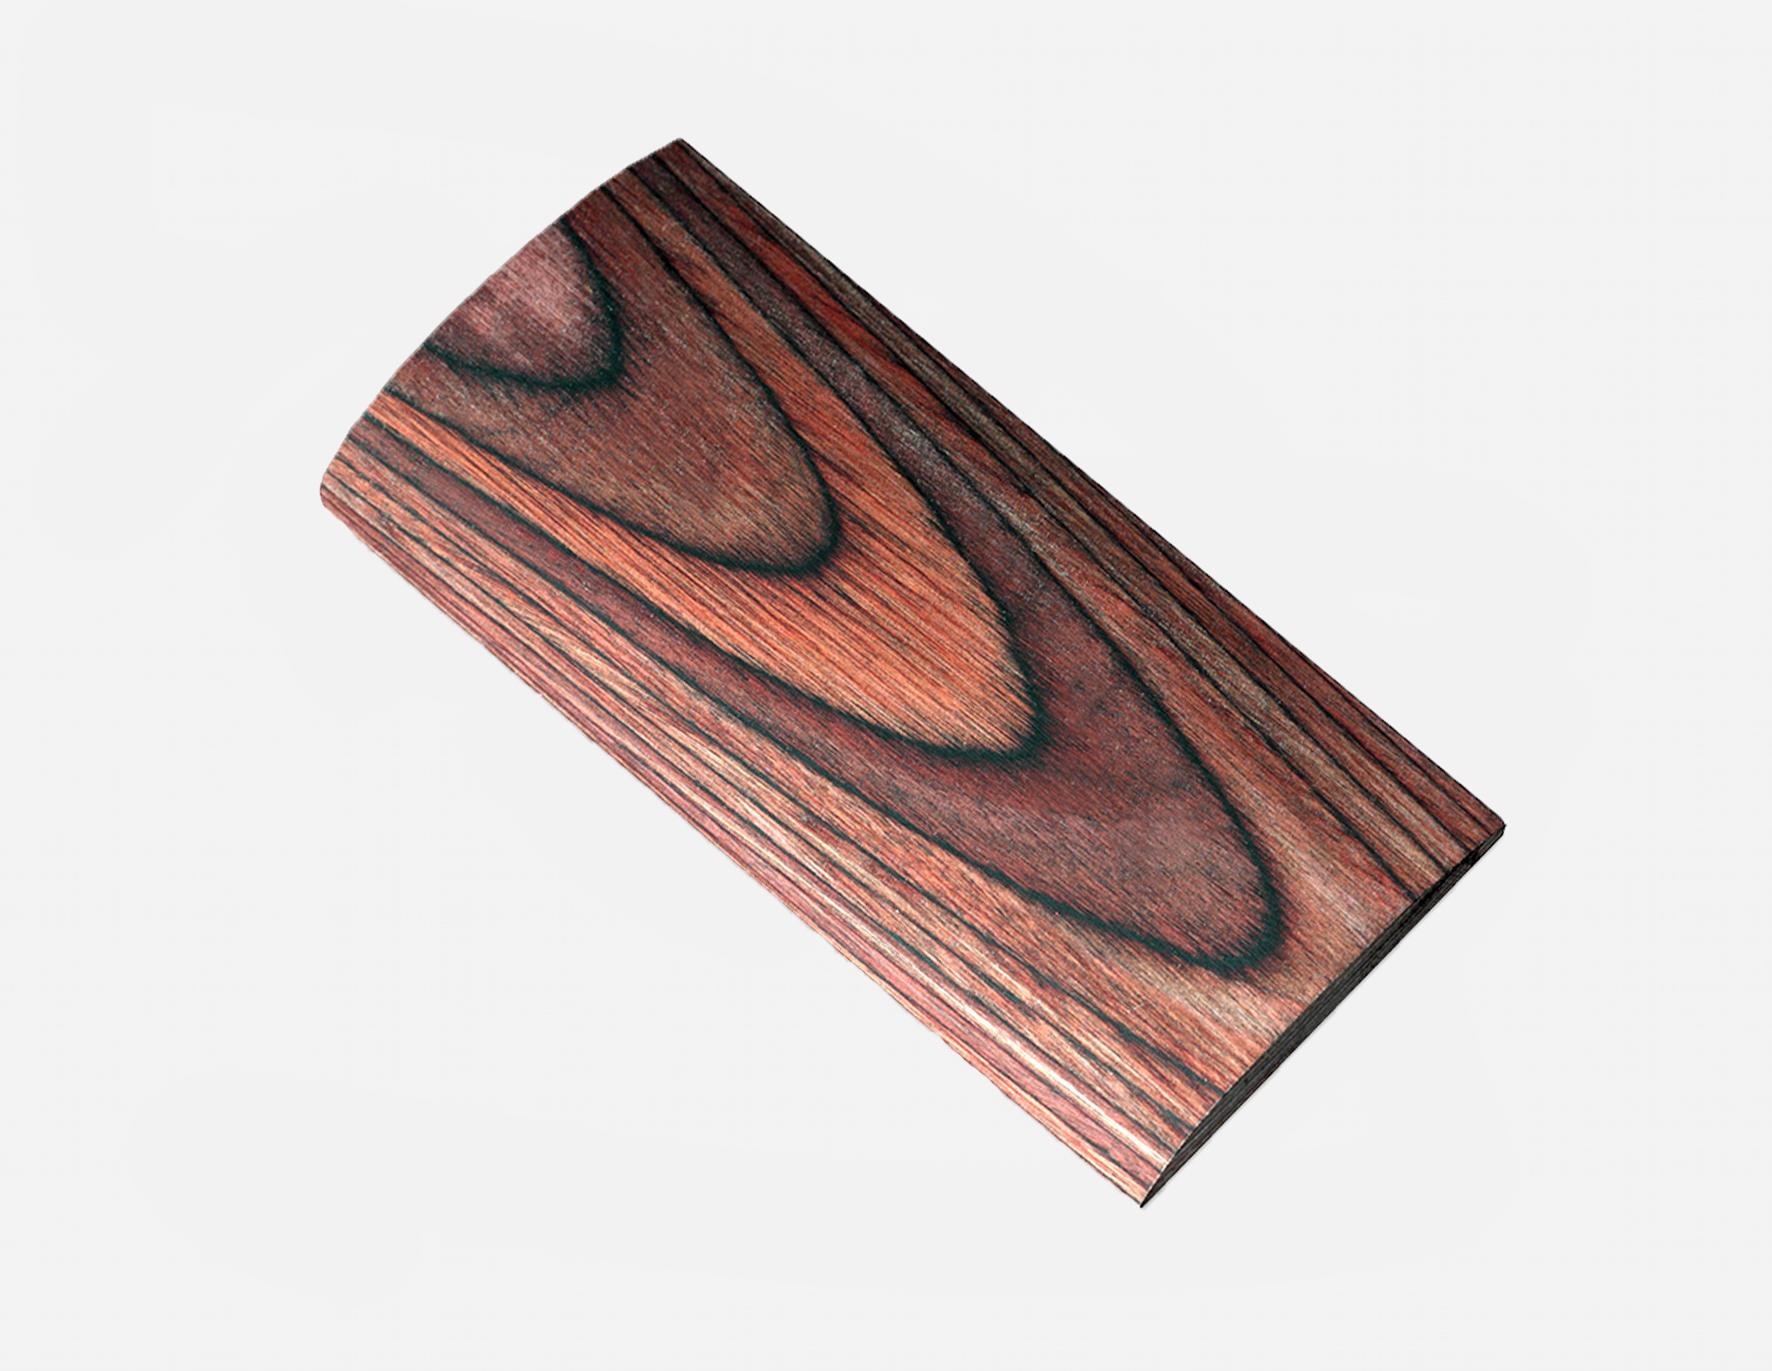 Terkini Laminate Wood Gunstock Blanks